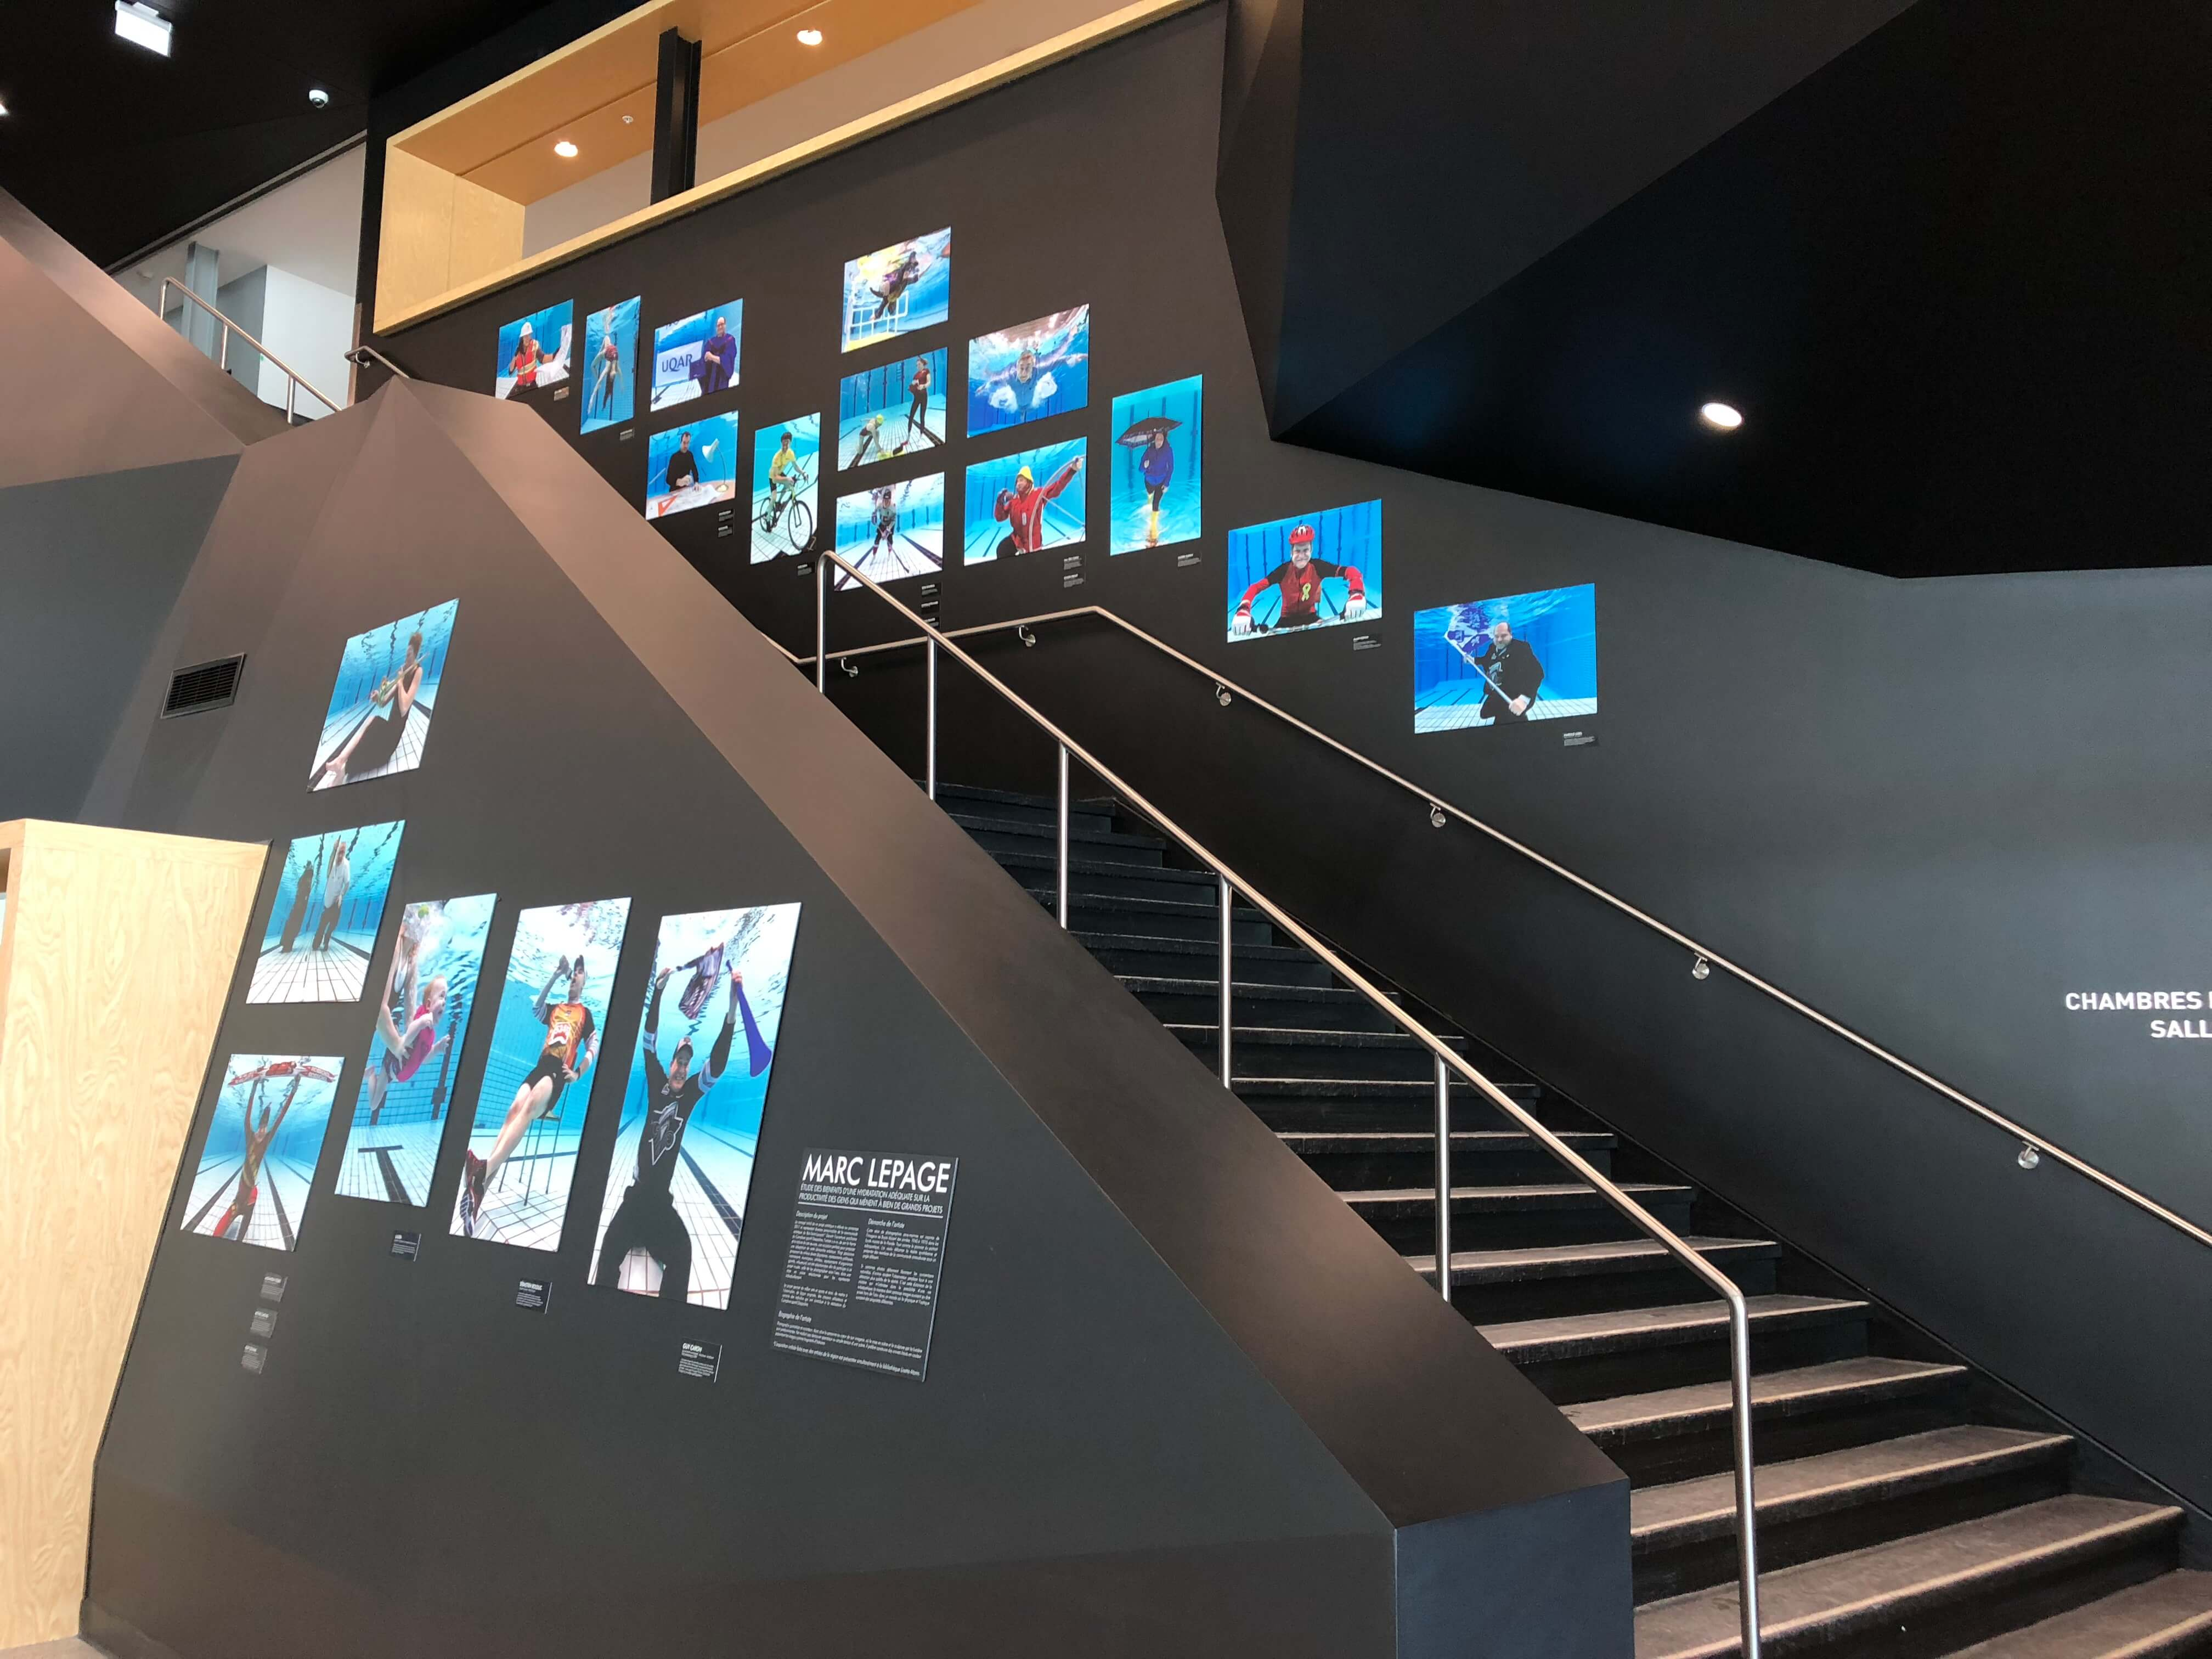 Cette exposition met en scène 20 personnalités des milieux politique, sportif, municipal, organismes partenaires, etc.